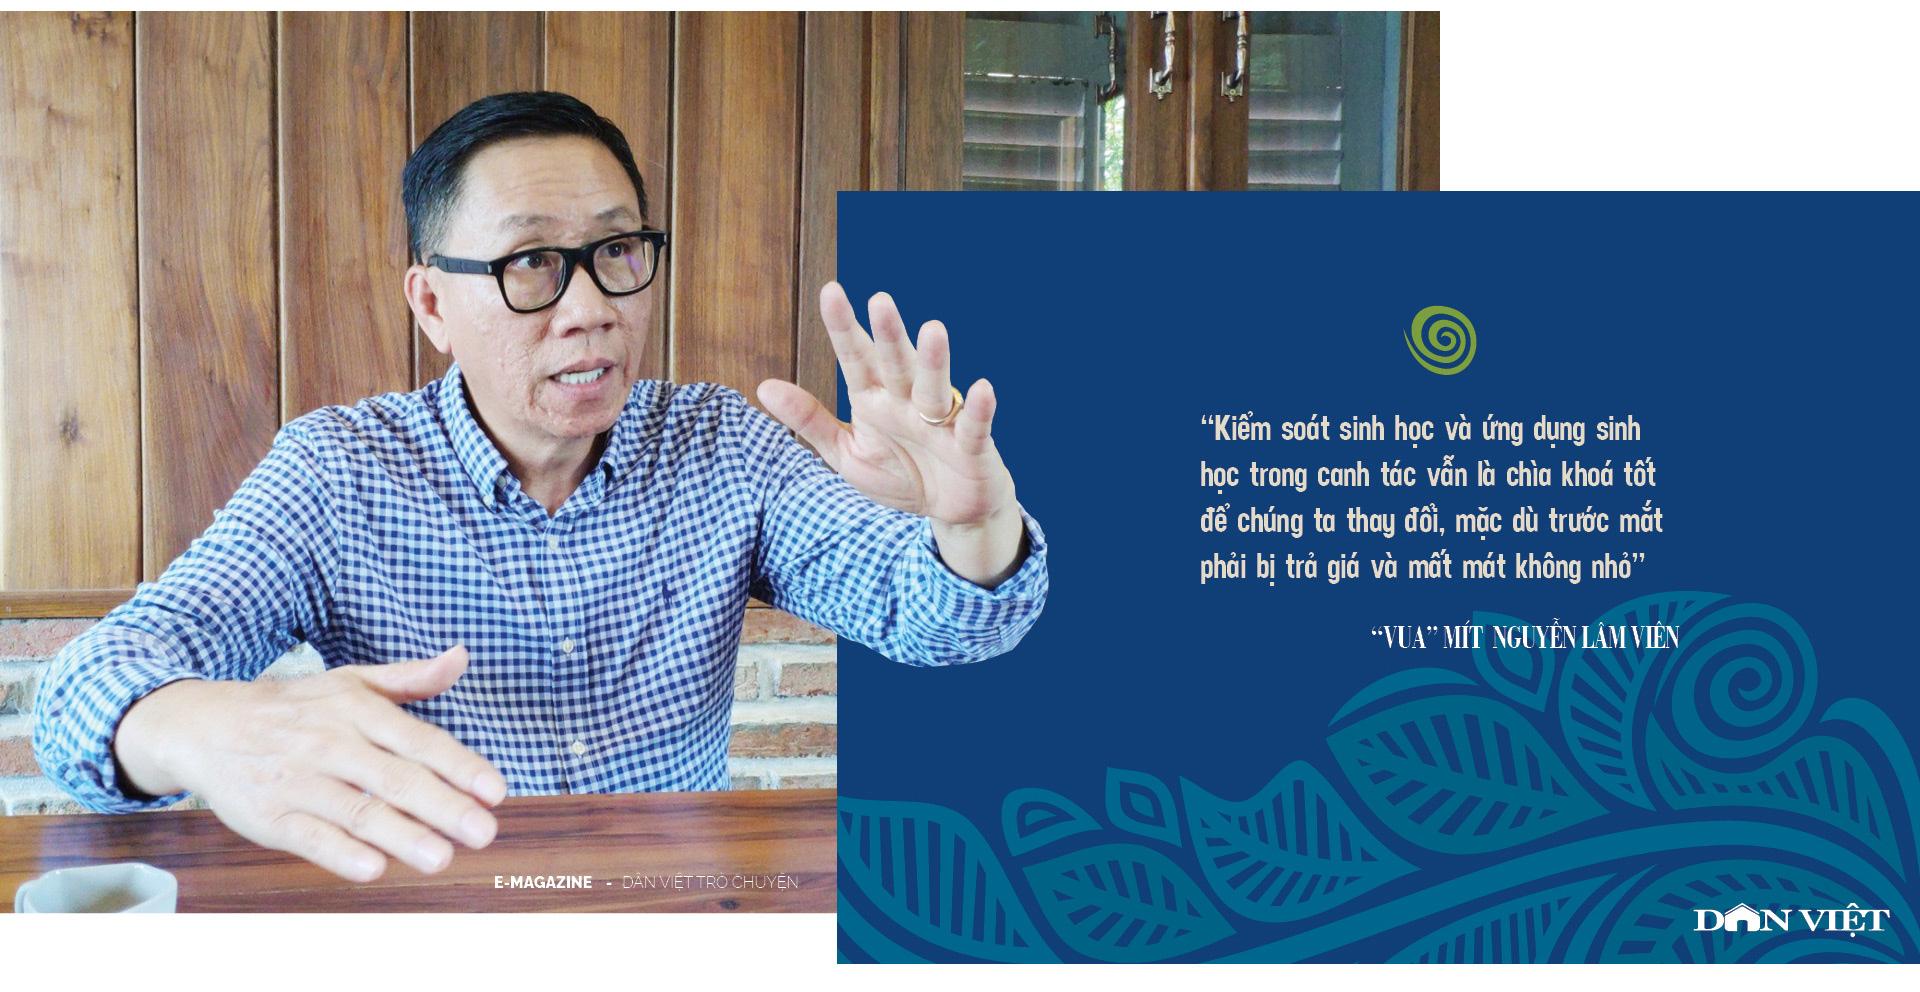 """""""Vua"""" mít  Nguyễn Lâm Viên – người được """"tẩy não"""" để làm nông nghiệp vì sự sống - Ảnh 12."""